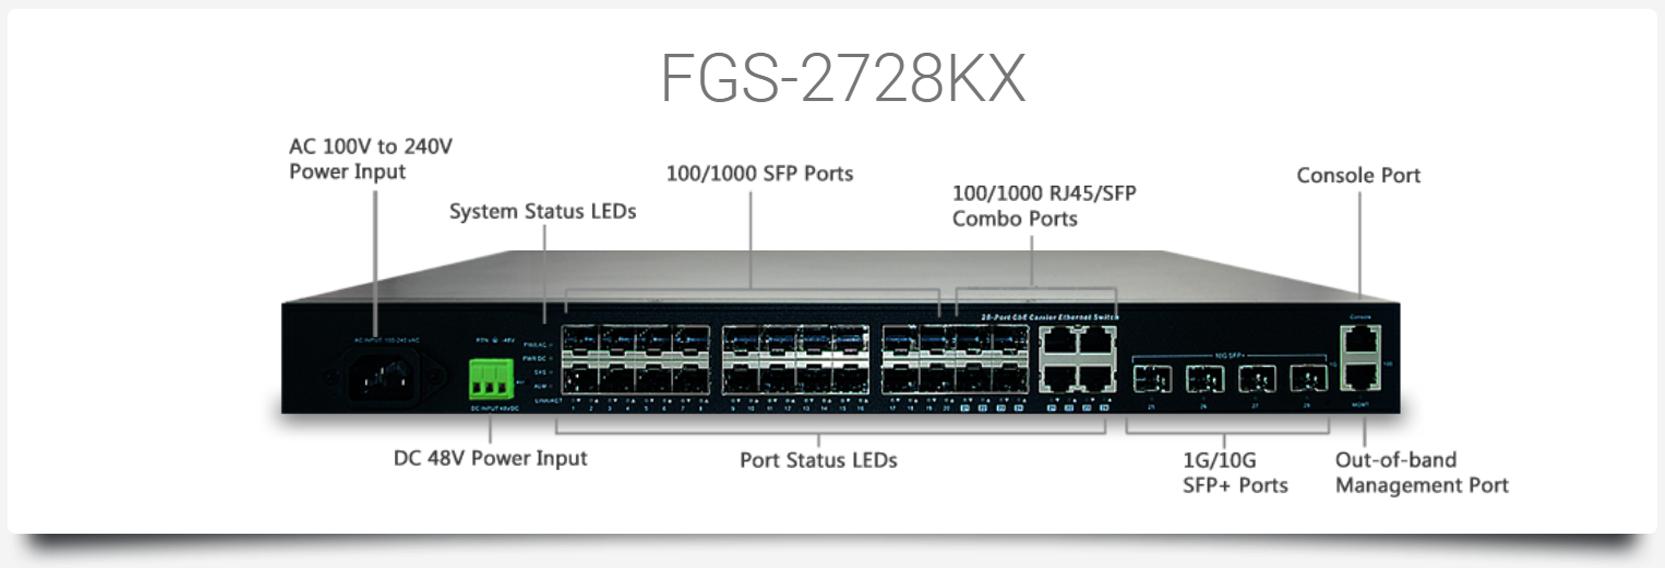 FGS-2728KX